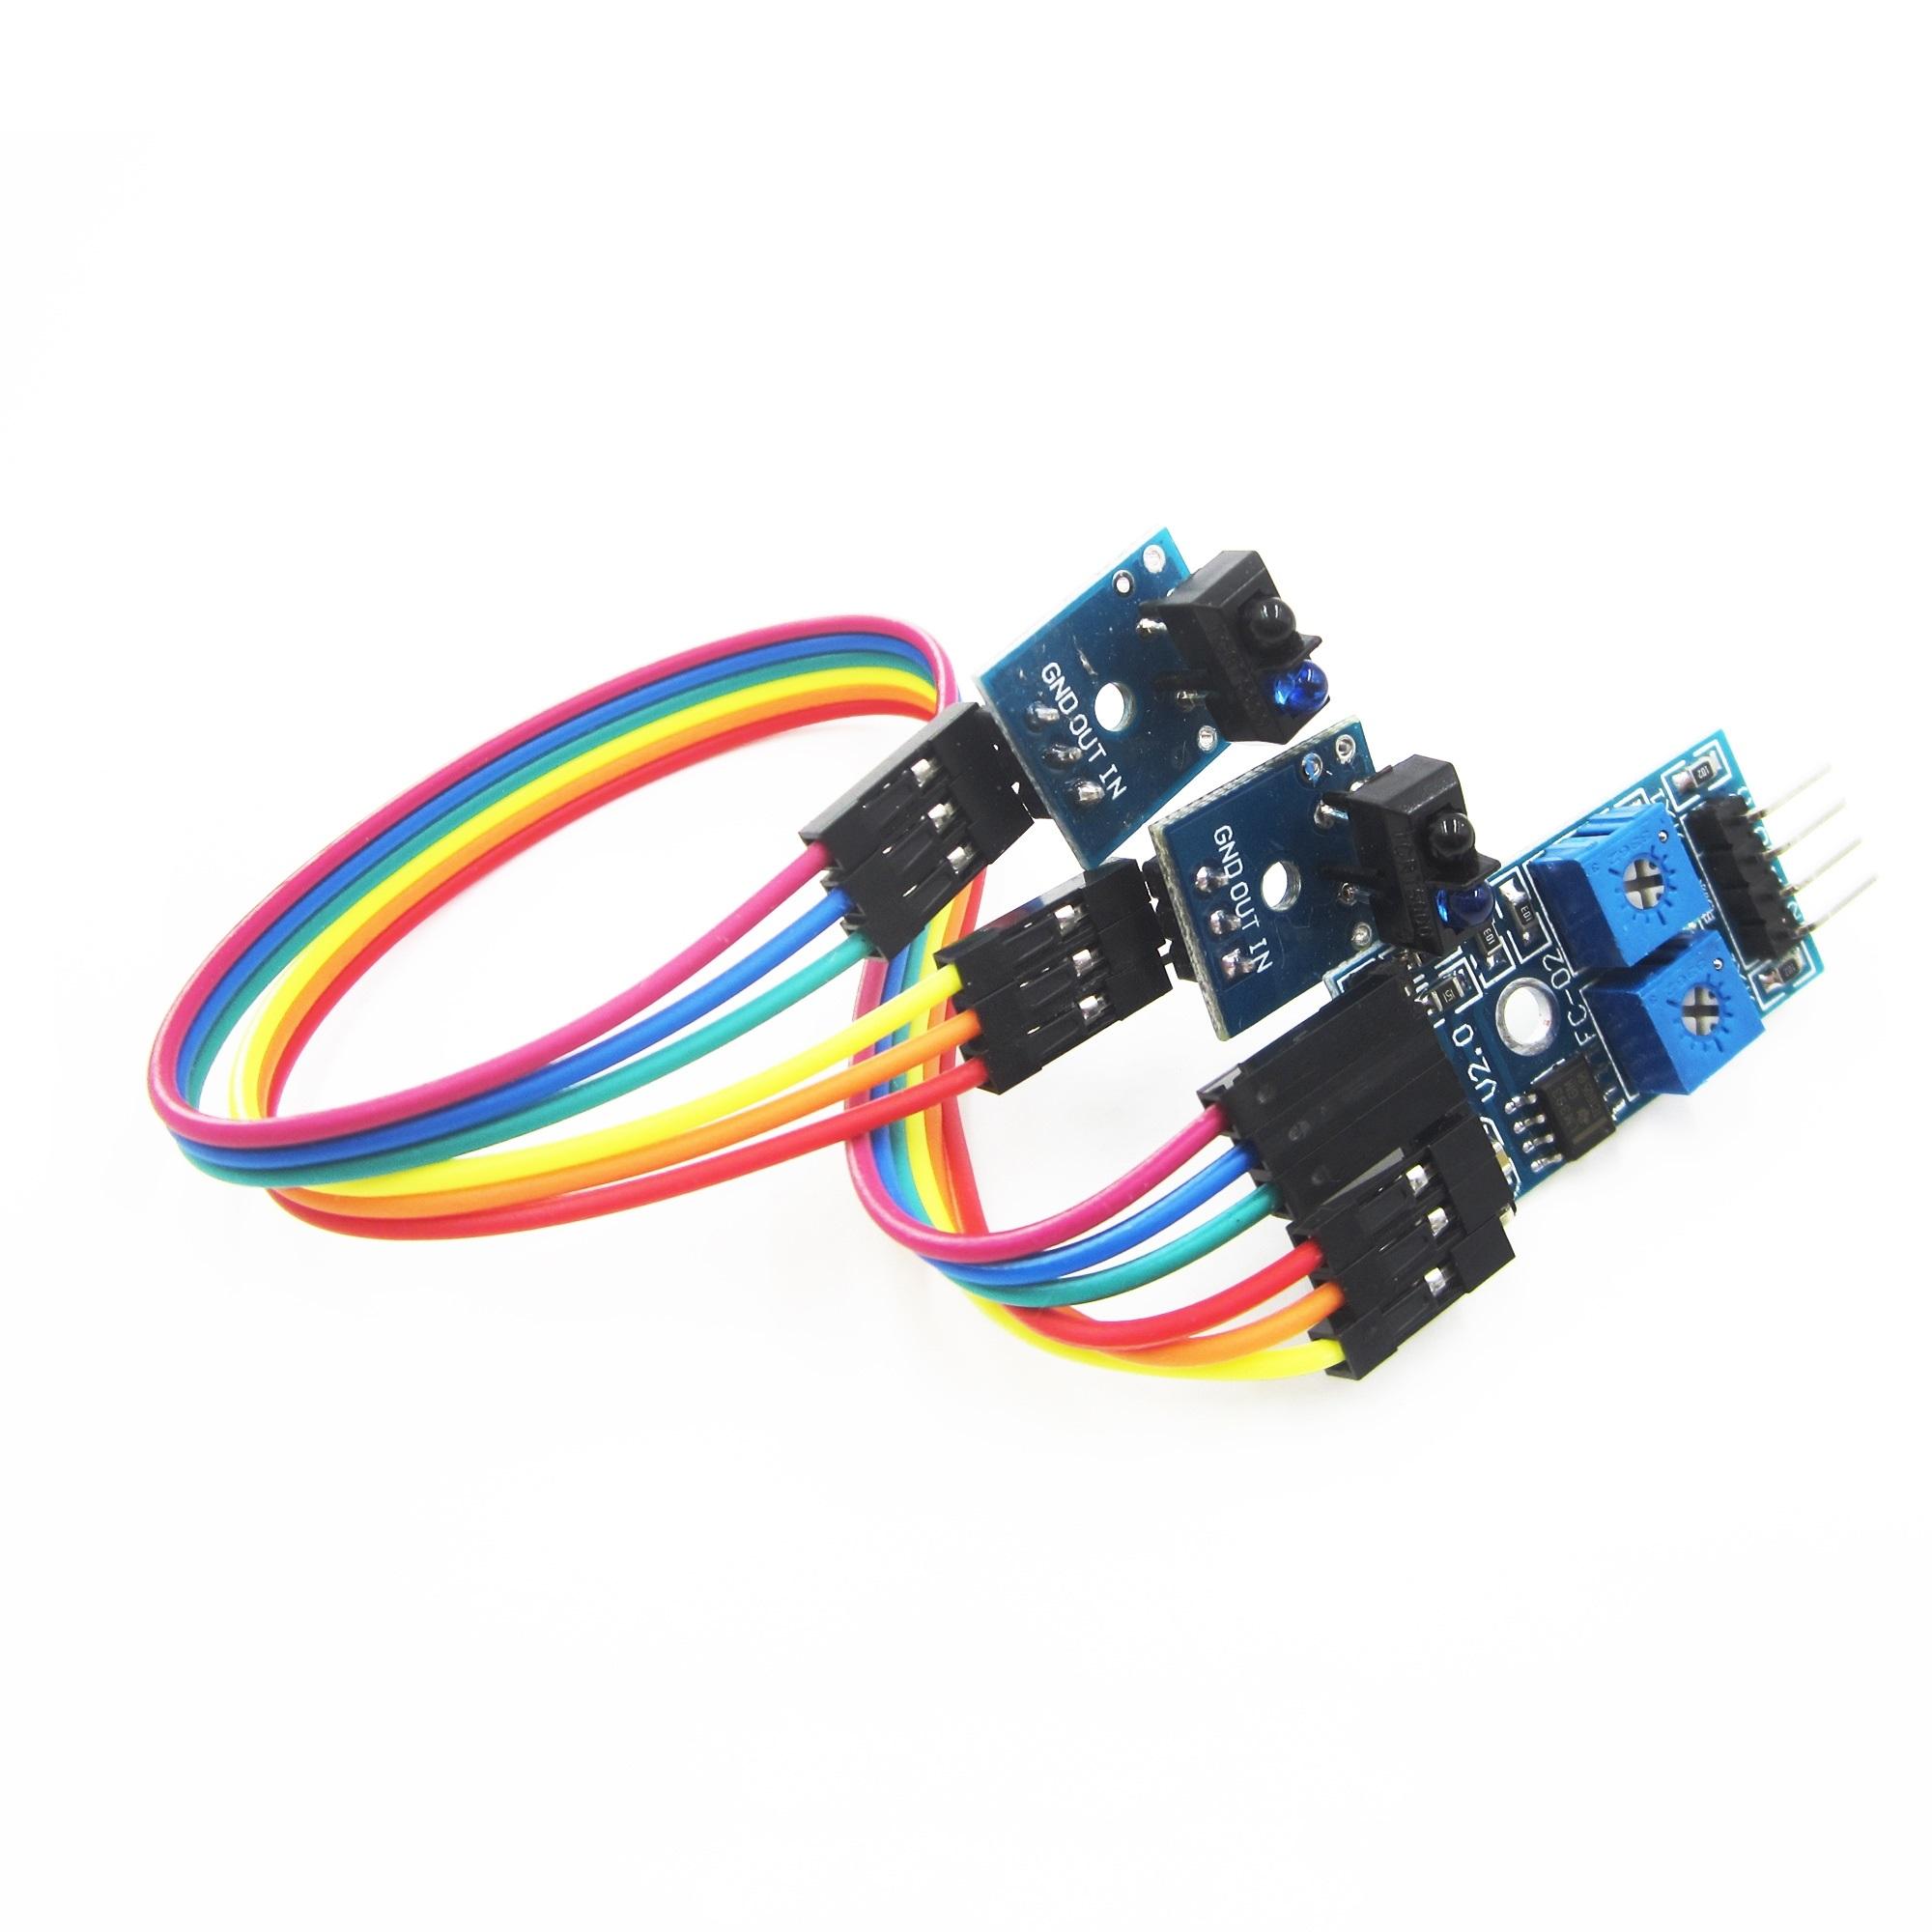 เซ็นเซอร์ ตรวจจับเส้นขาวดำ 2 จุด infrared reflectance sensor Obstacle avoidance module track sensor